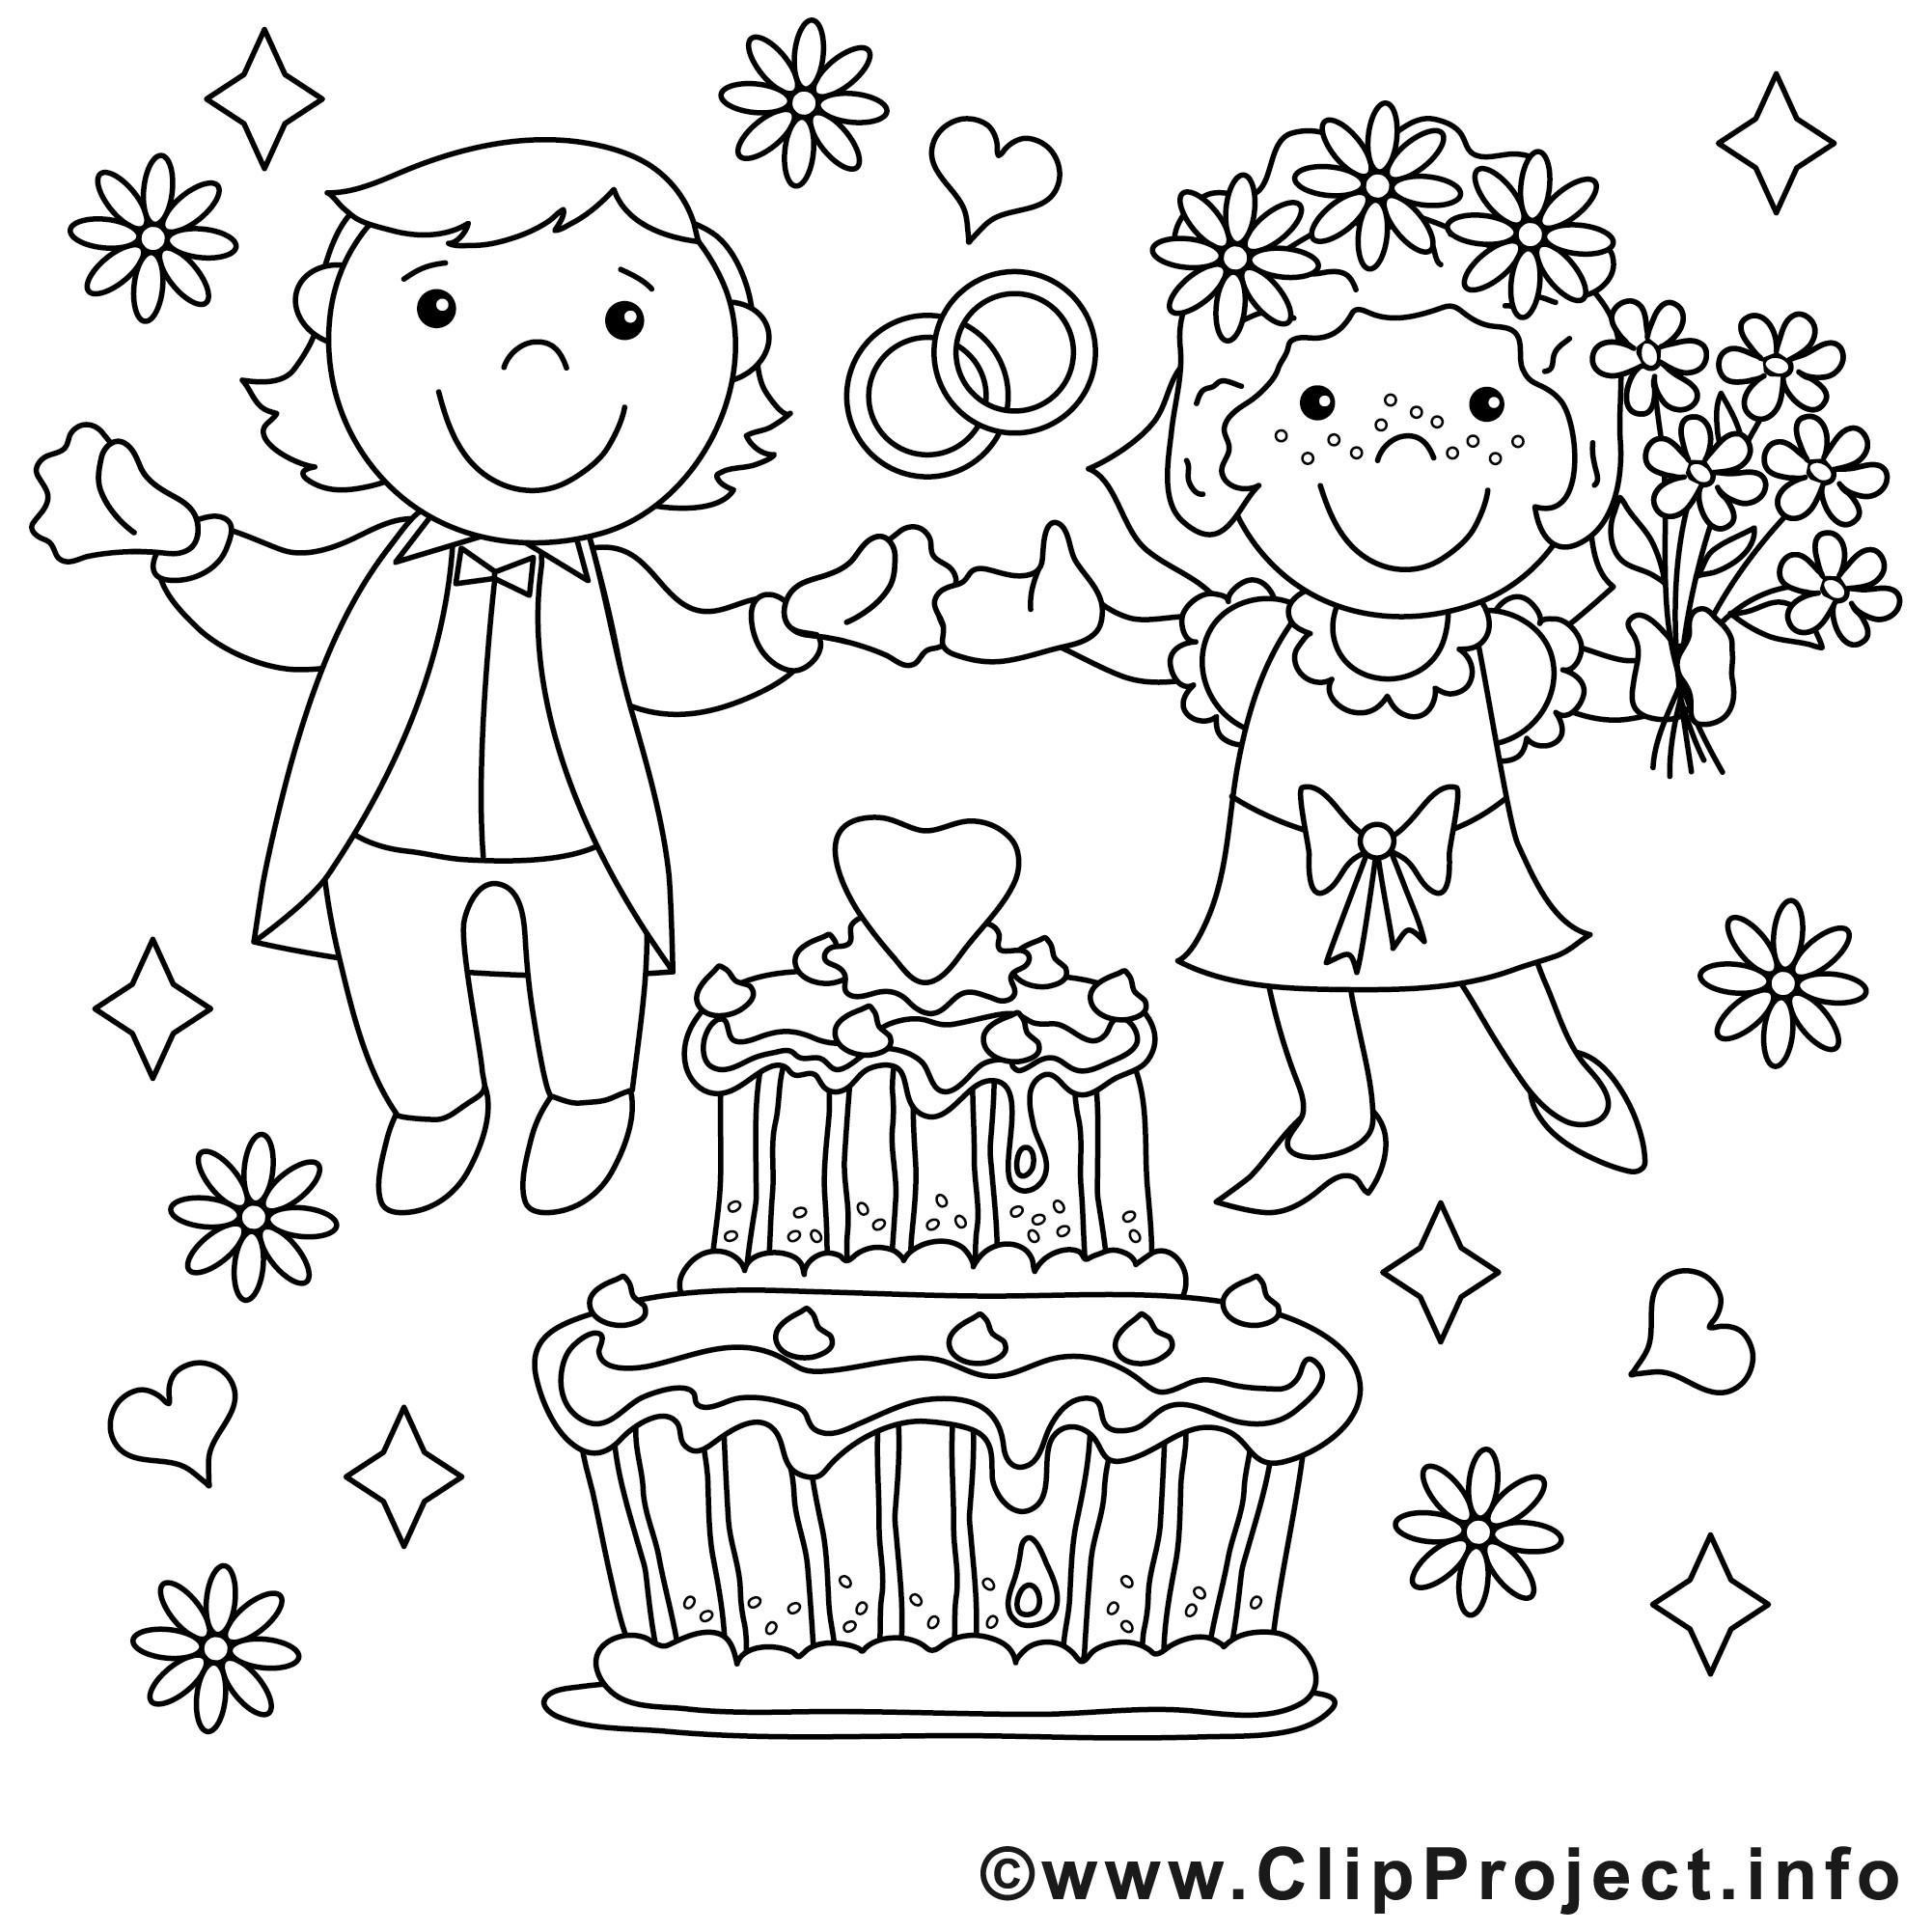 Ausmalbilder Hochzeit Kostenlos  Brautpaar Ausmalbilder Hochzeit